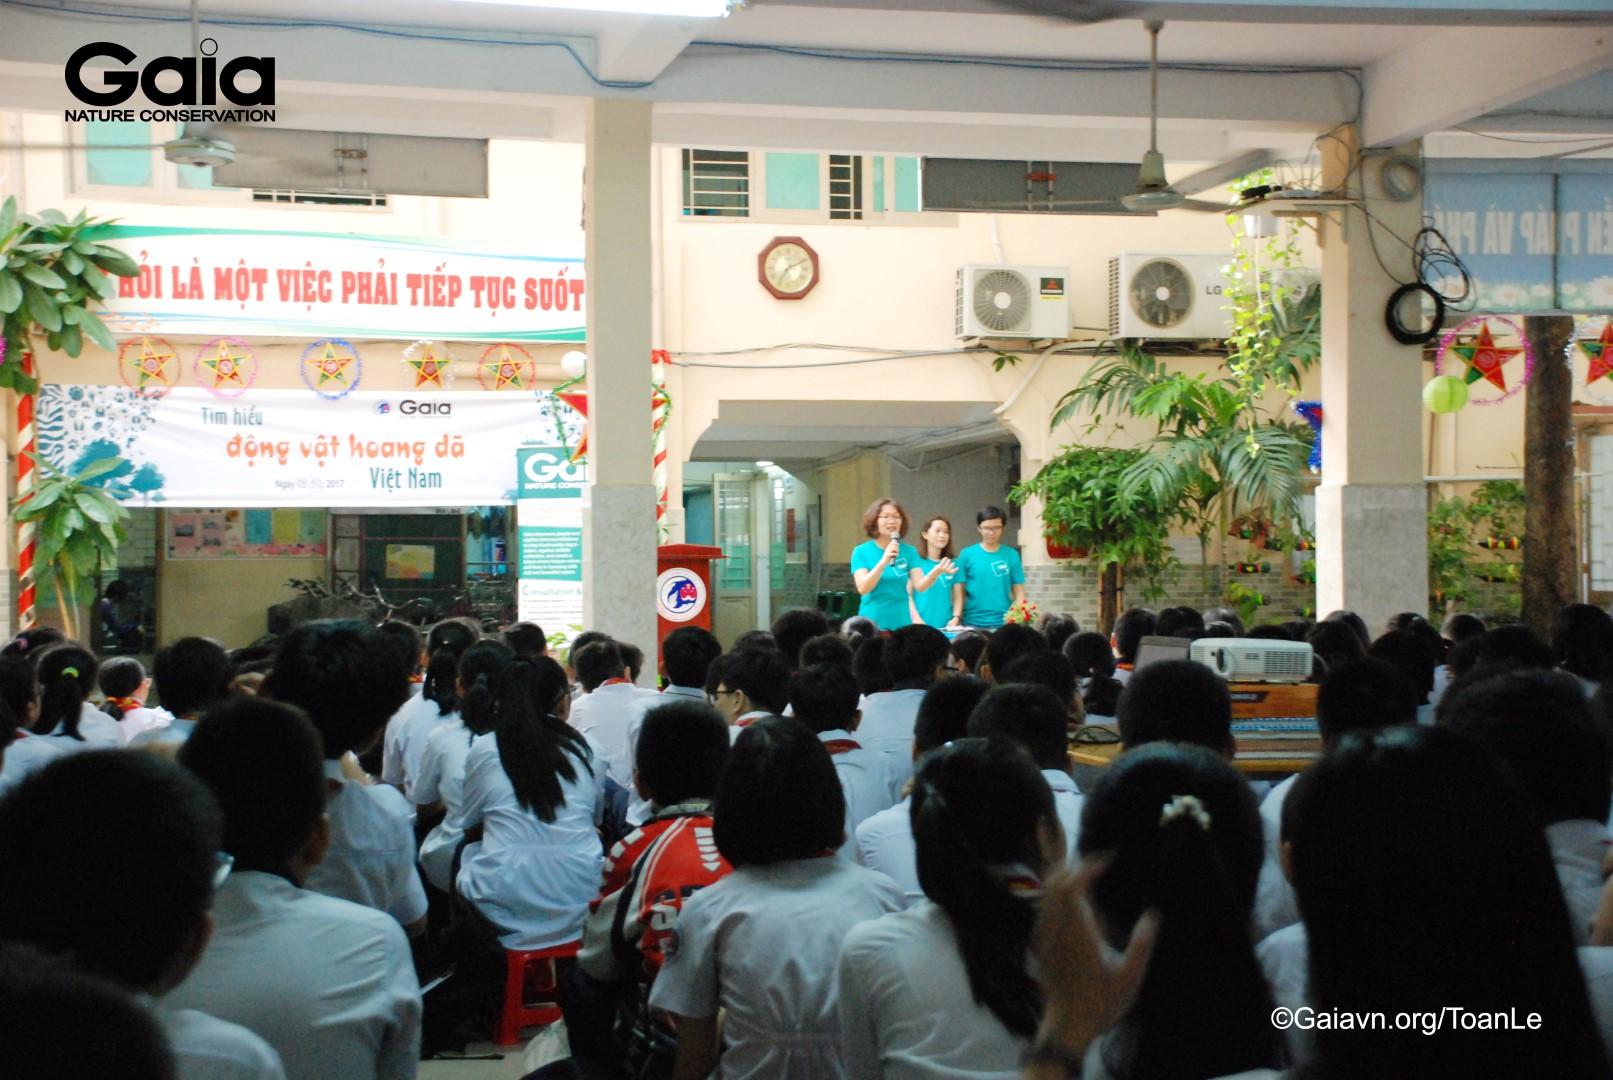 Bà Đỗ Thị Thanh Huyền – Giám đốc Trung tâm Bảo tồn Thiên nhiên GAIA nói về động vật hoang dã tại Việt Nam